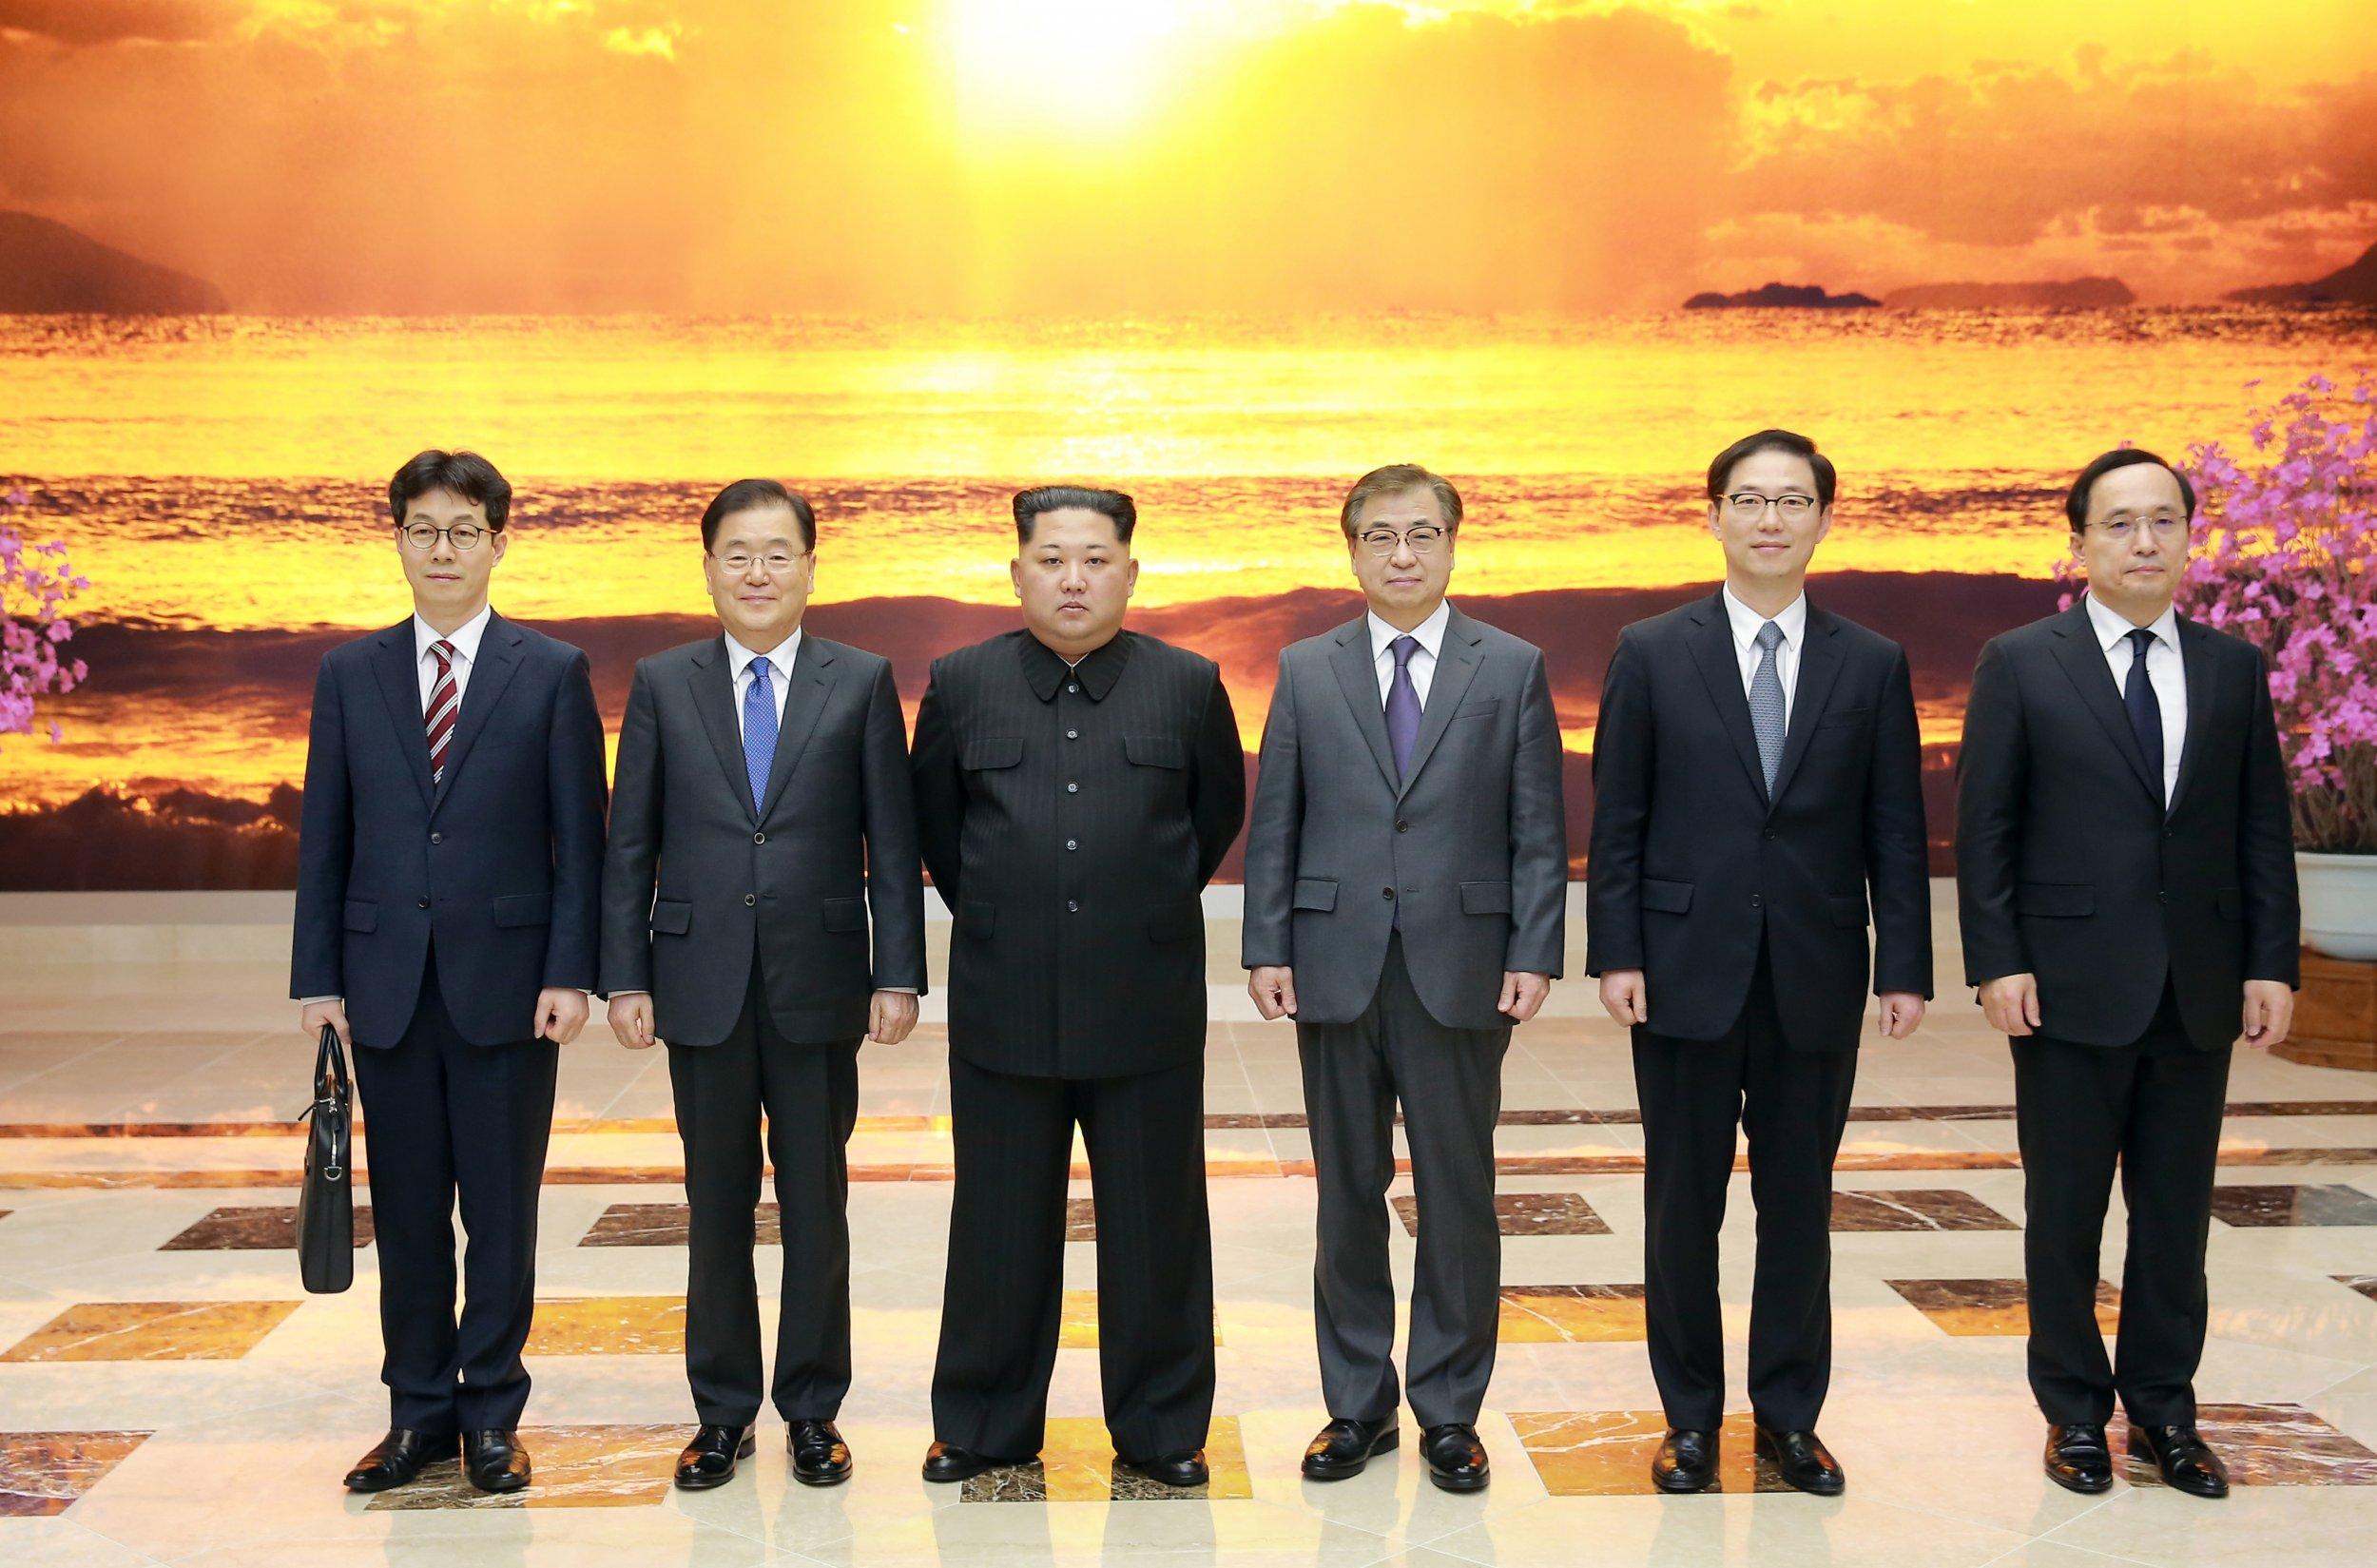 RTS1MBHM Kim Jong Un South Korean delegation